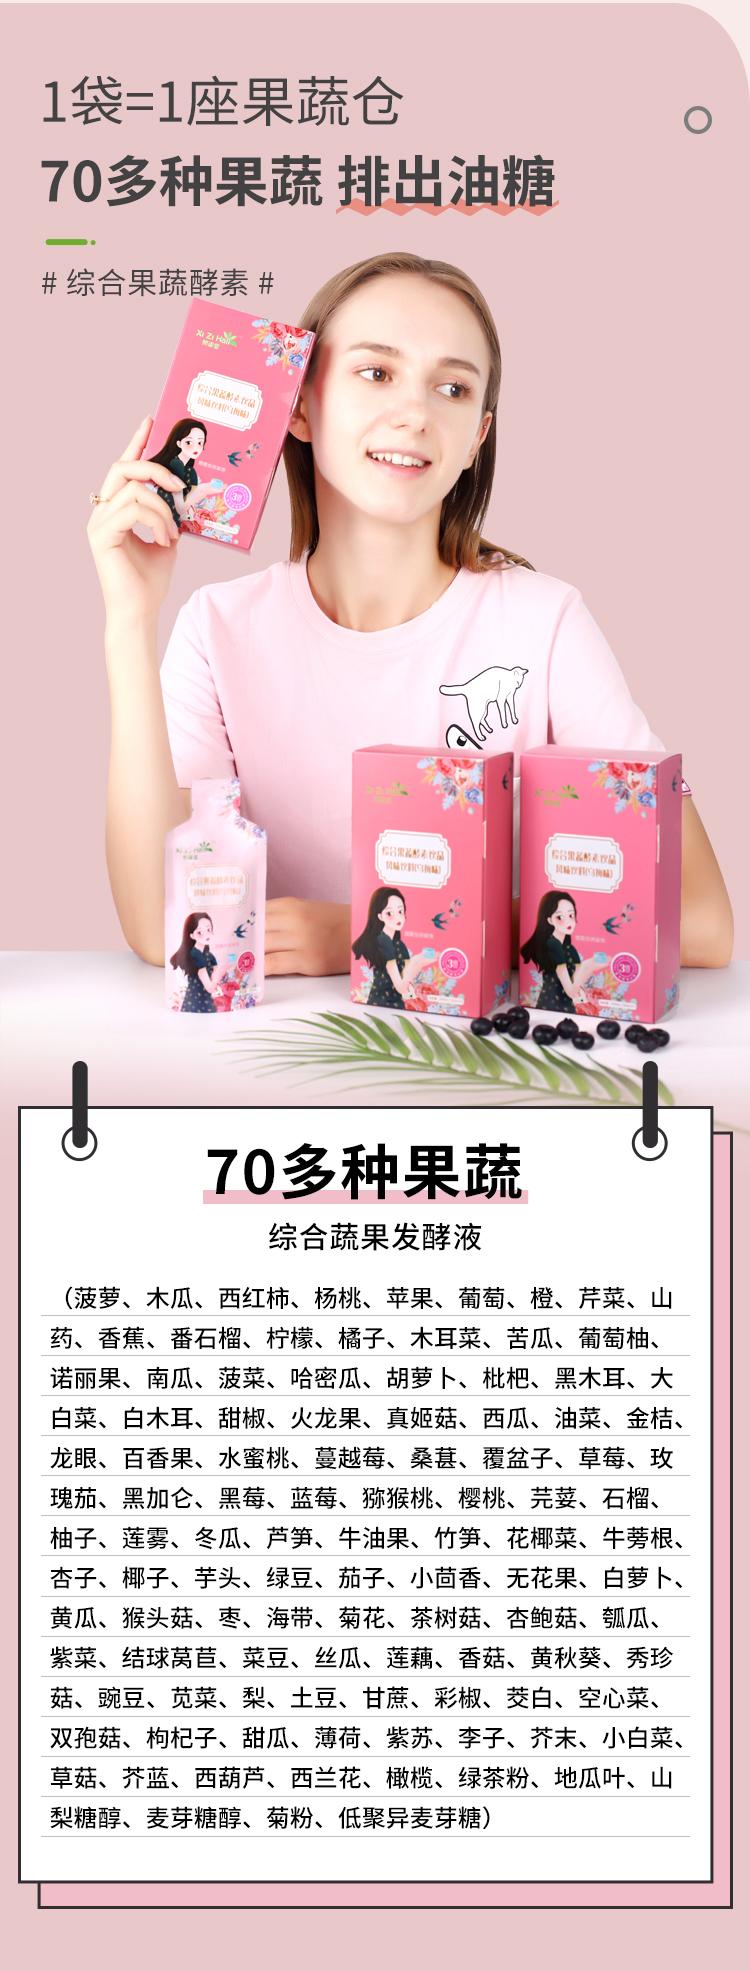 http://img.toumeiw.cn/upload/images/20210907/22fe8bcfe63f457e5ff89161e79e371a.jpg